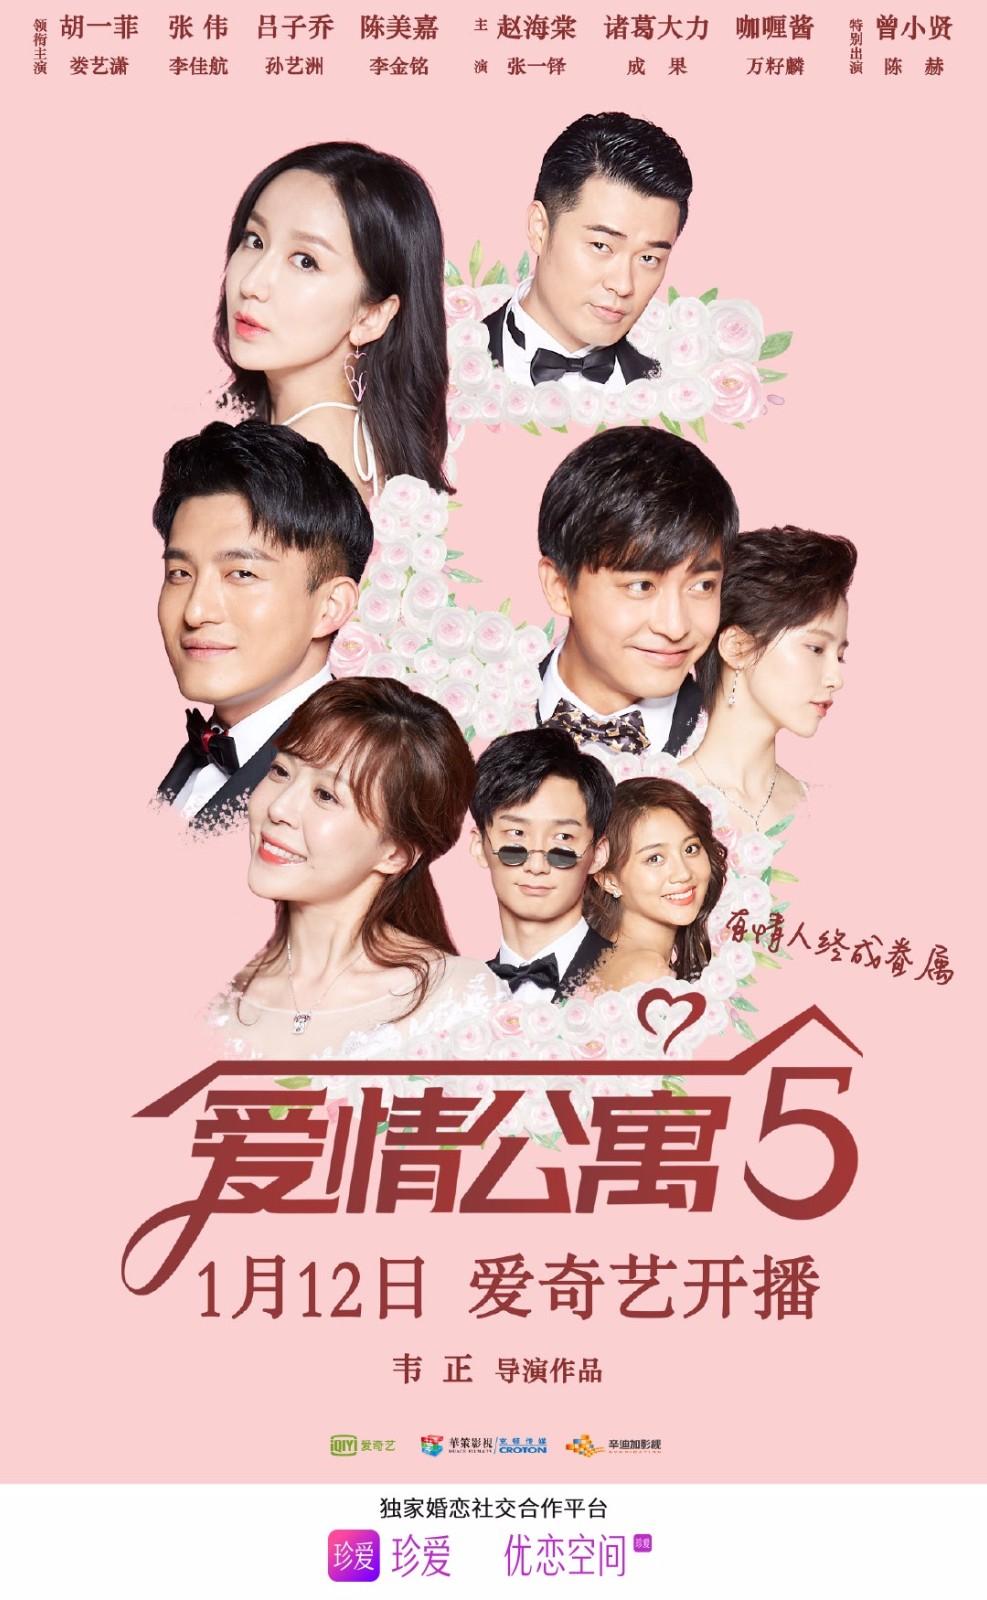 珍爱网成《爱情公寓5》独家婚恋社交合作平台,珍爱咖啡馆来了!